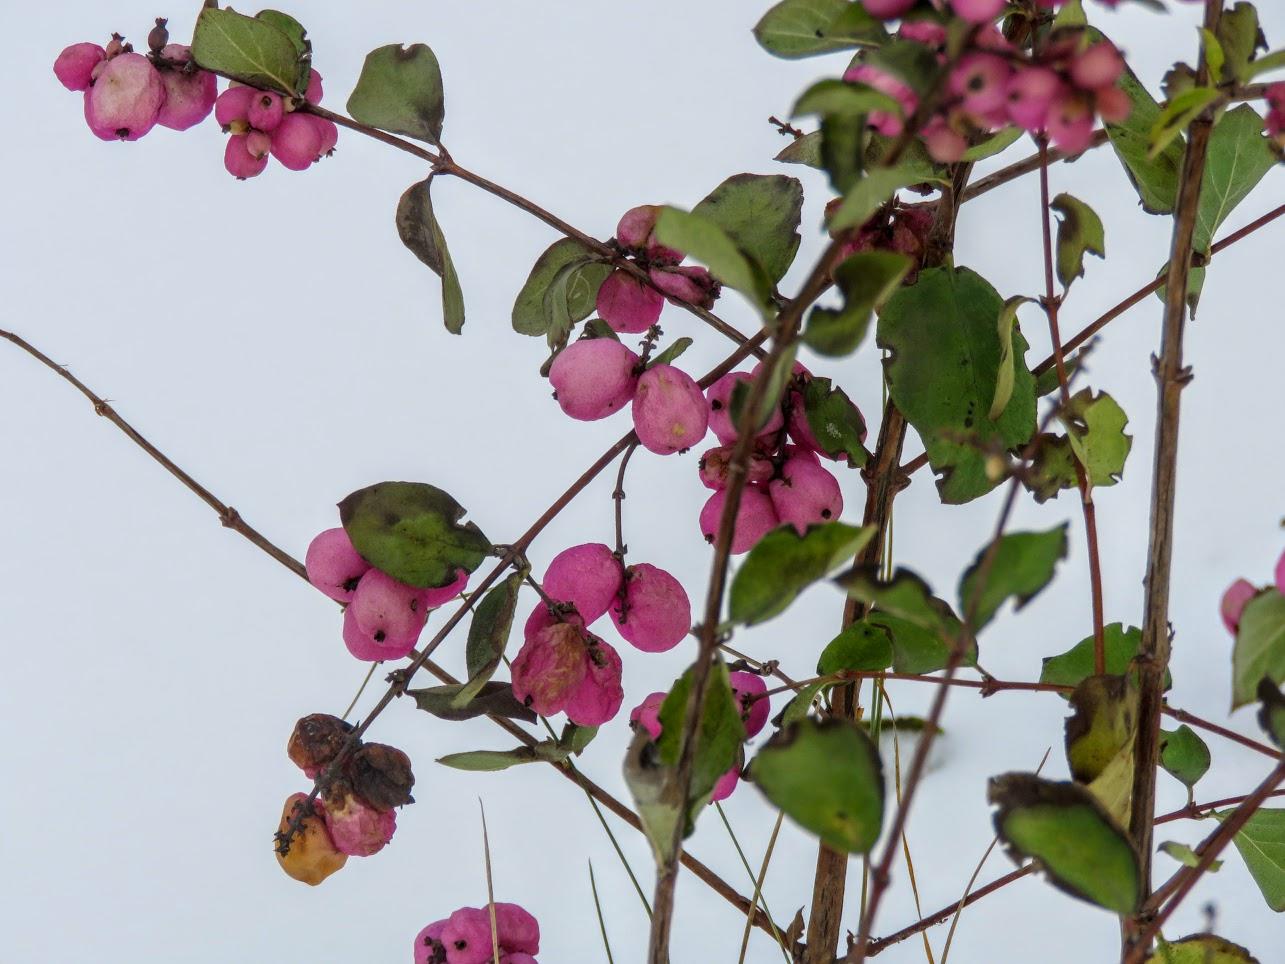 Розовый снежноягодник, снегири и другие прелести дня. Мой Мурыч с утра) IMG 2525